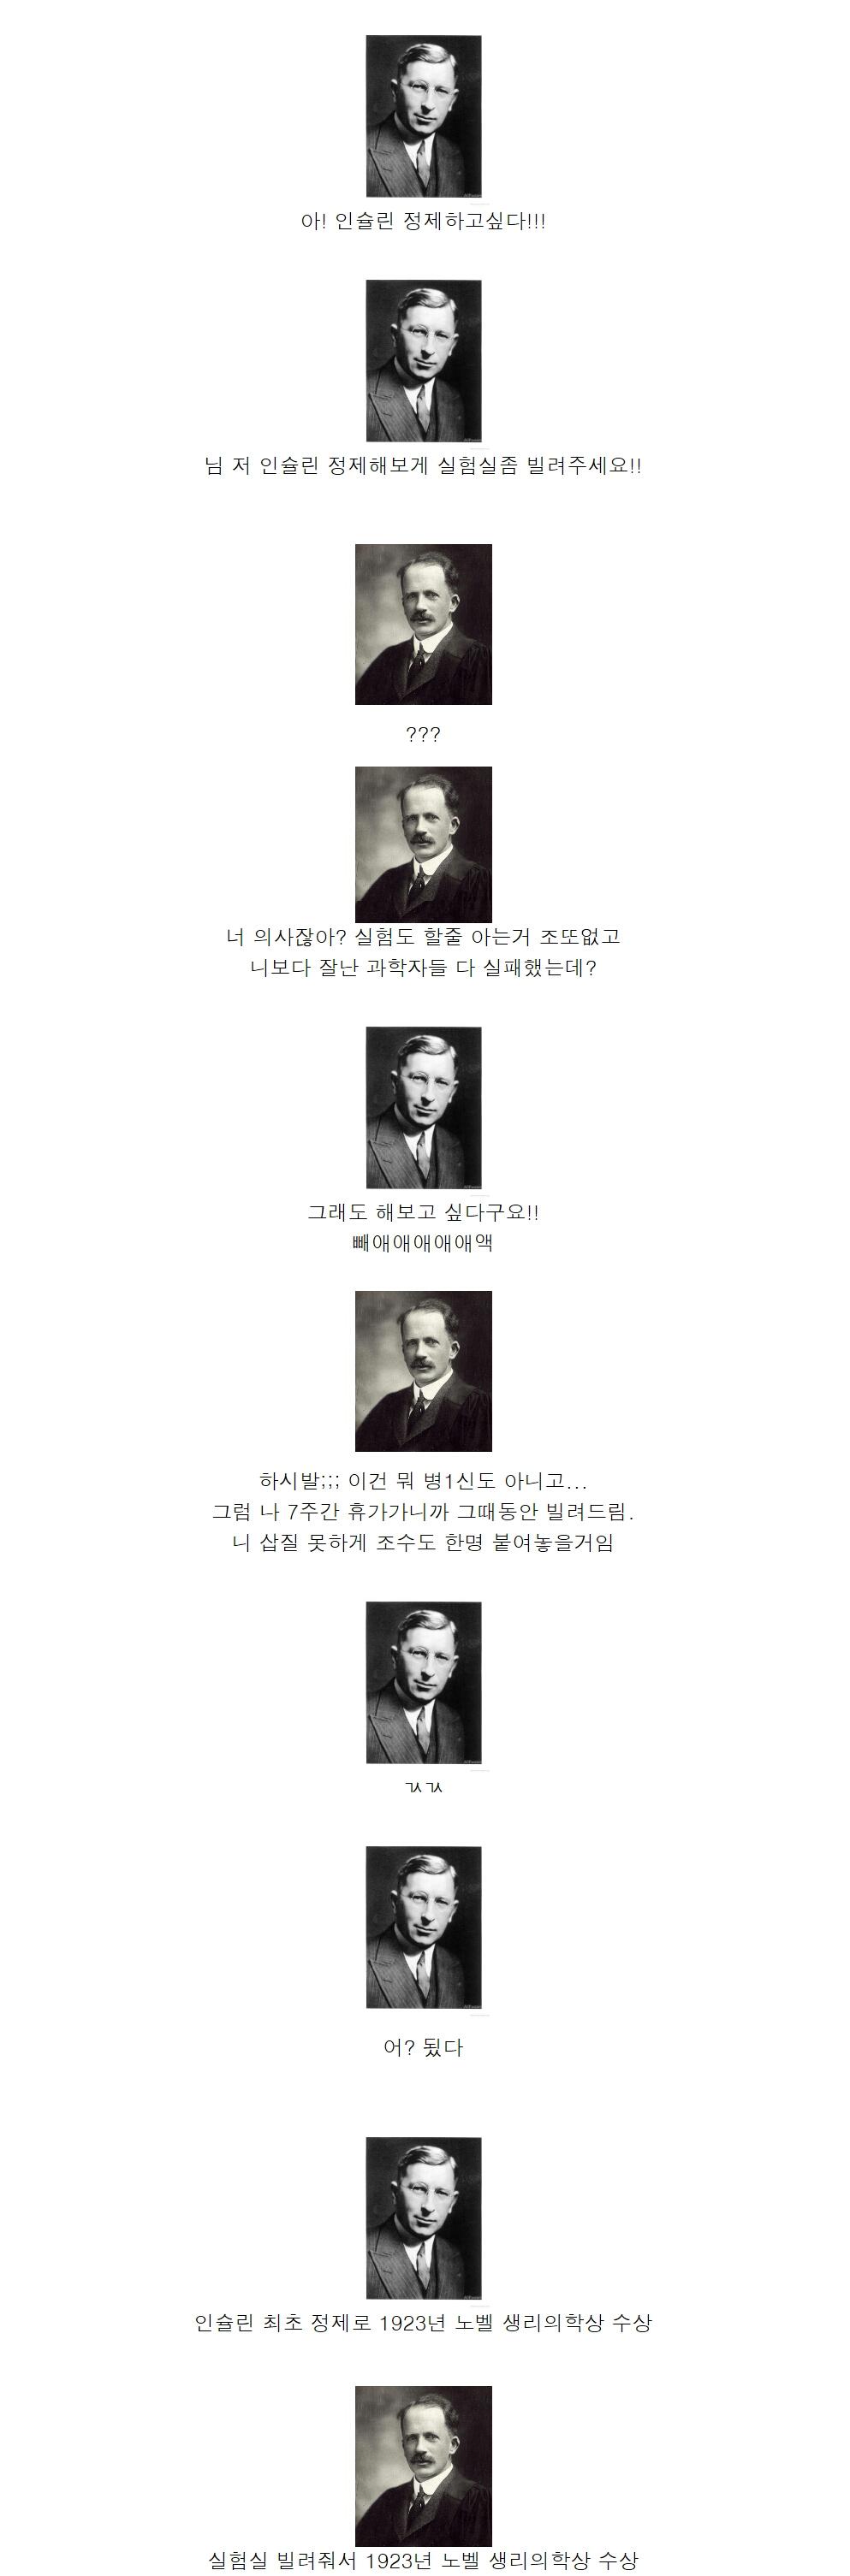 노벨상 수상류 갑